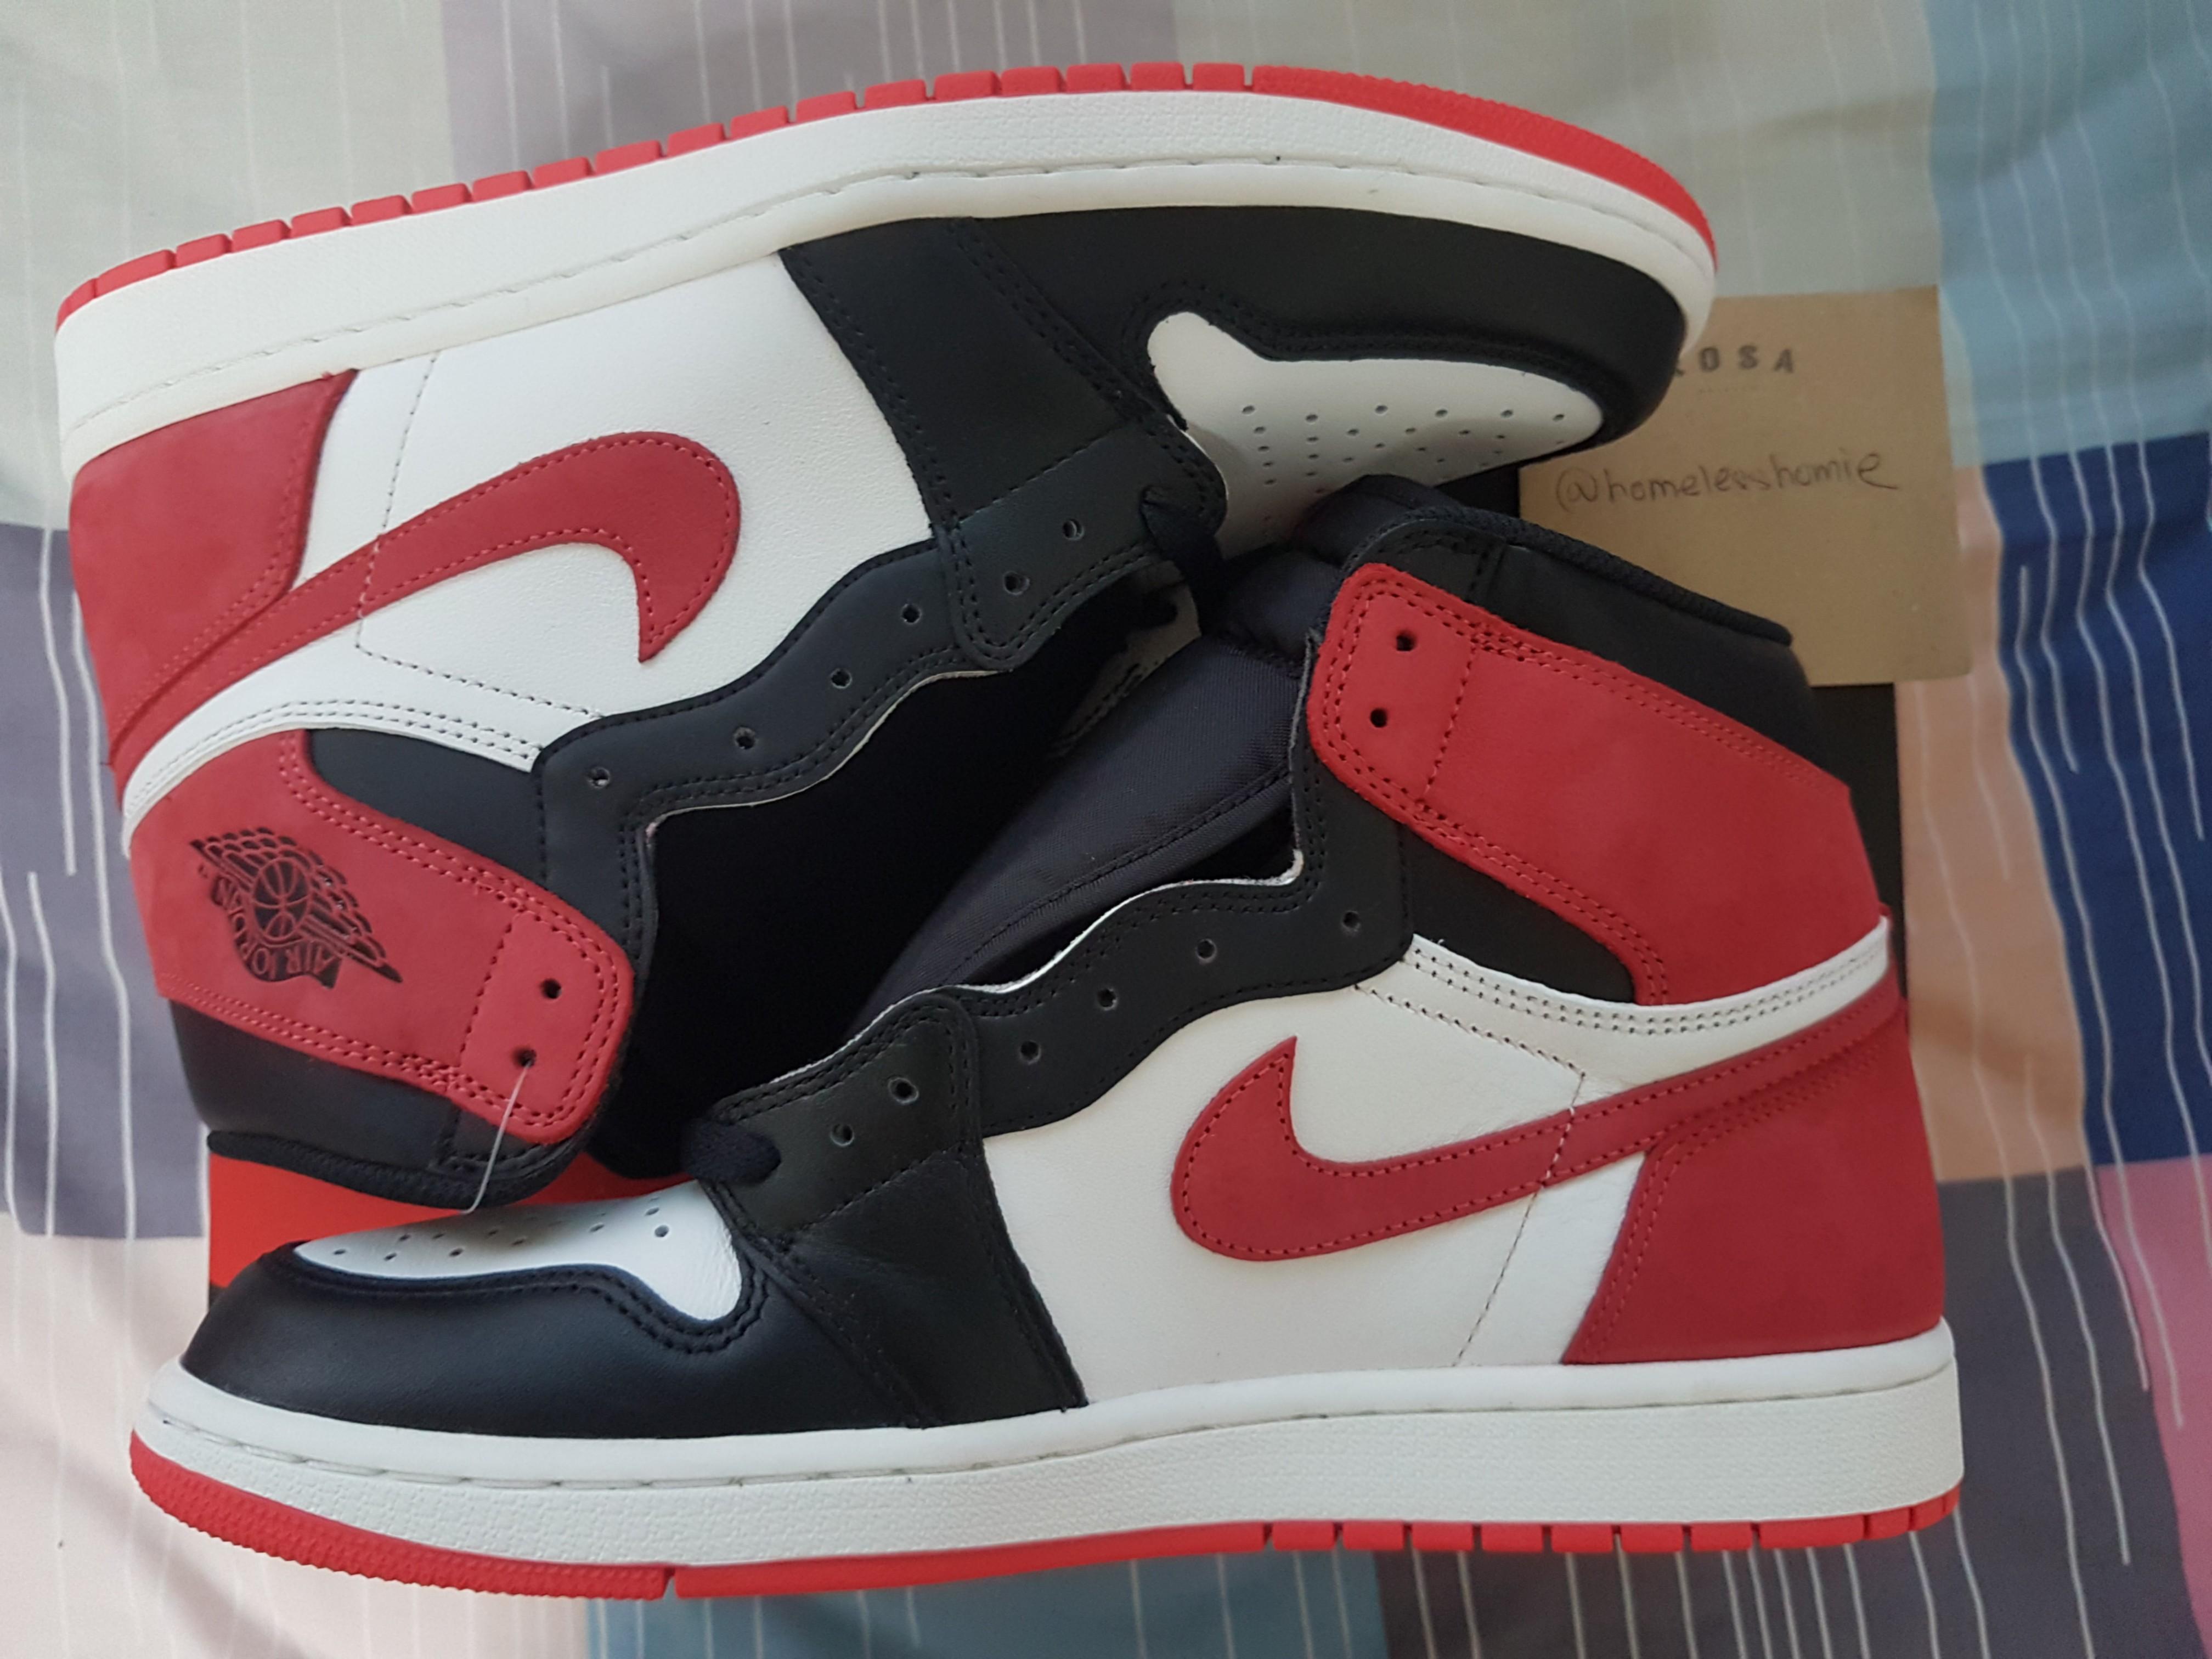 7b75b121 Nike Air Jordan 1 Retro High OG